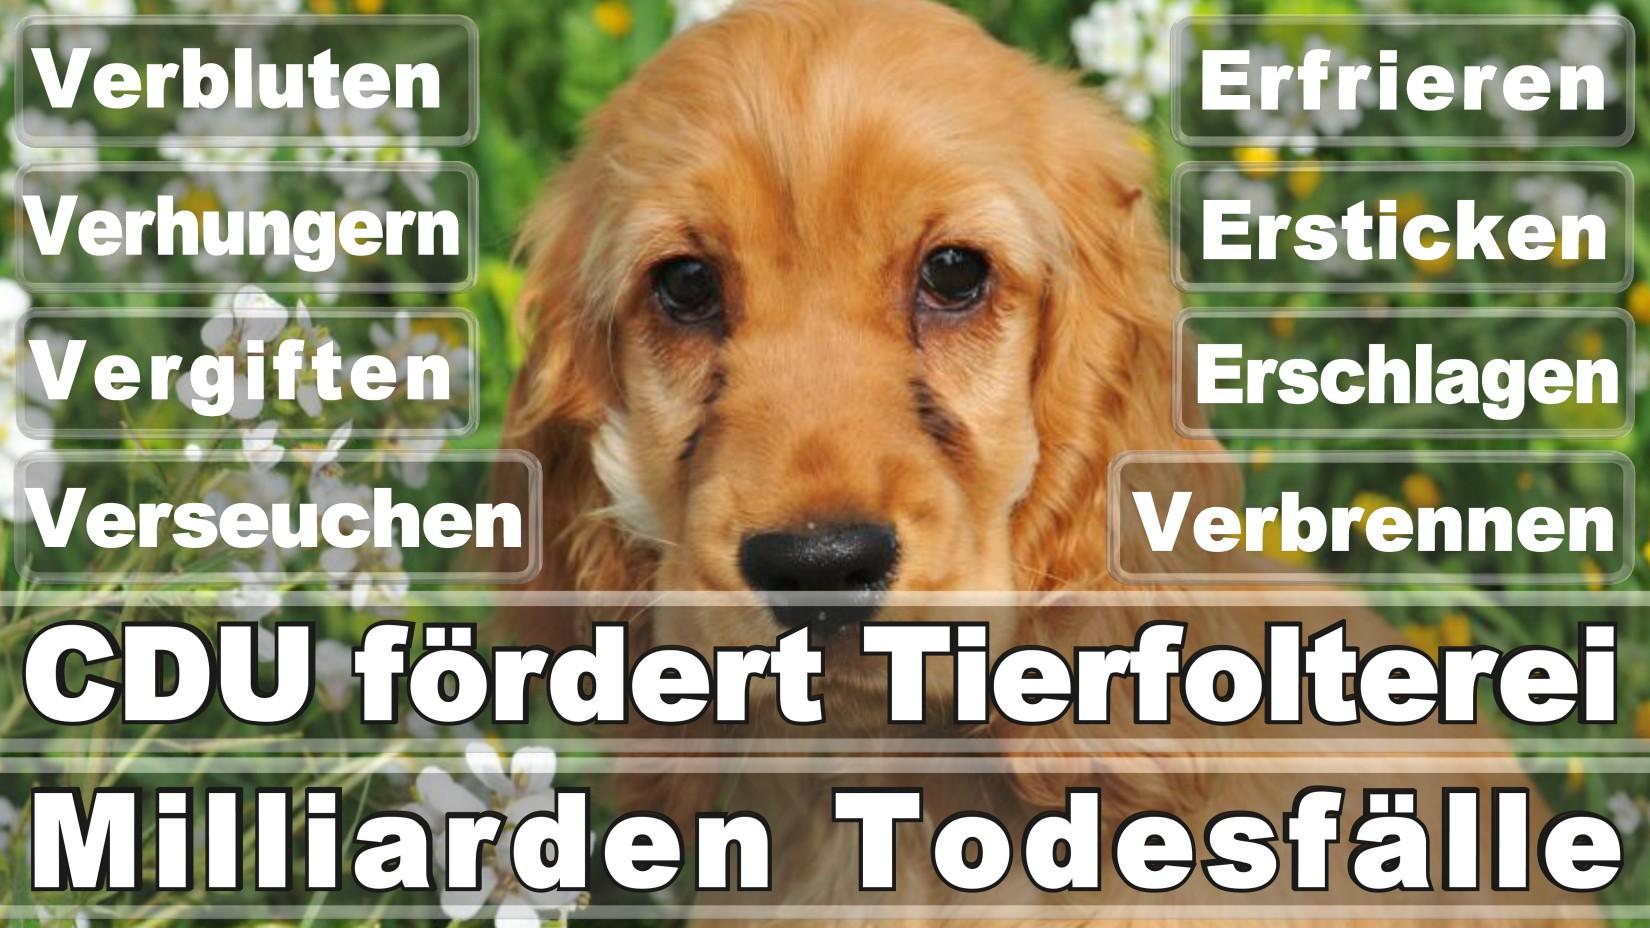 Dörges, Karsten Bremen Vennstraße Freie Demokratische Partei Software Entwickler Düsseldorf (FDP)